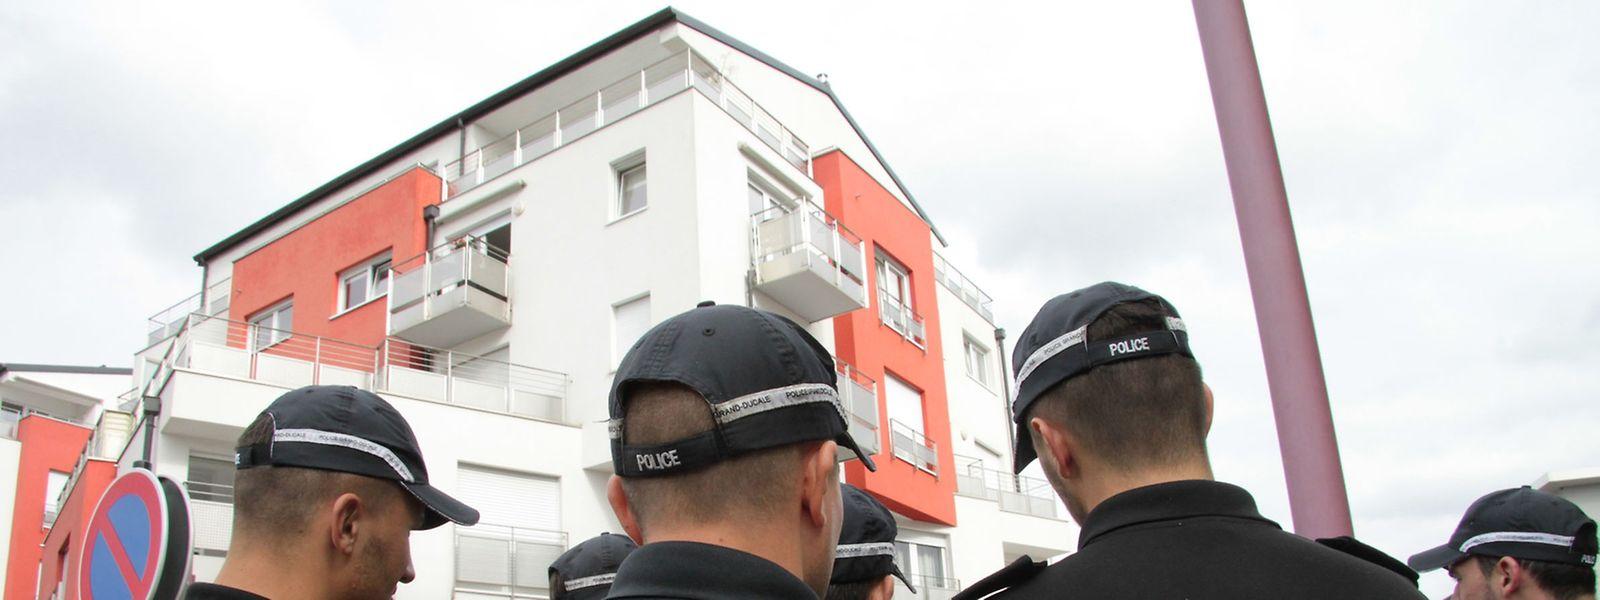 In einer Dachgeschosswohnung in der Cité Grand-Duc Jean in Bereldingen sterben am 25. September 2016 zwei Menschen. Wird zunächst noch von einer Unfallhypothese ausgegangen, gerät wenige Tage später ein Polizist ins Visier der Ermittler: als Tatverdächtiger bei einem Giftmord.